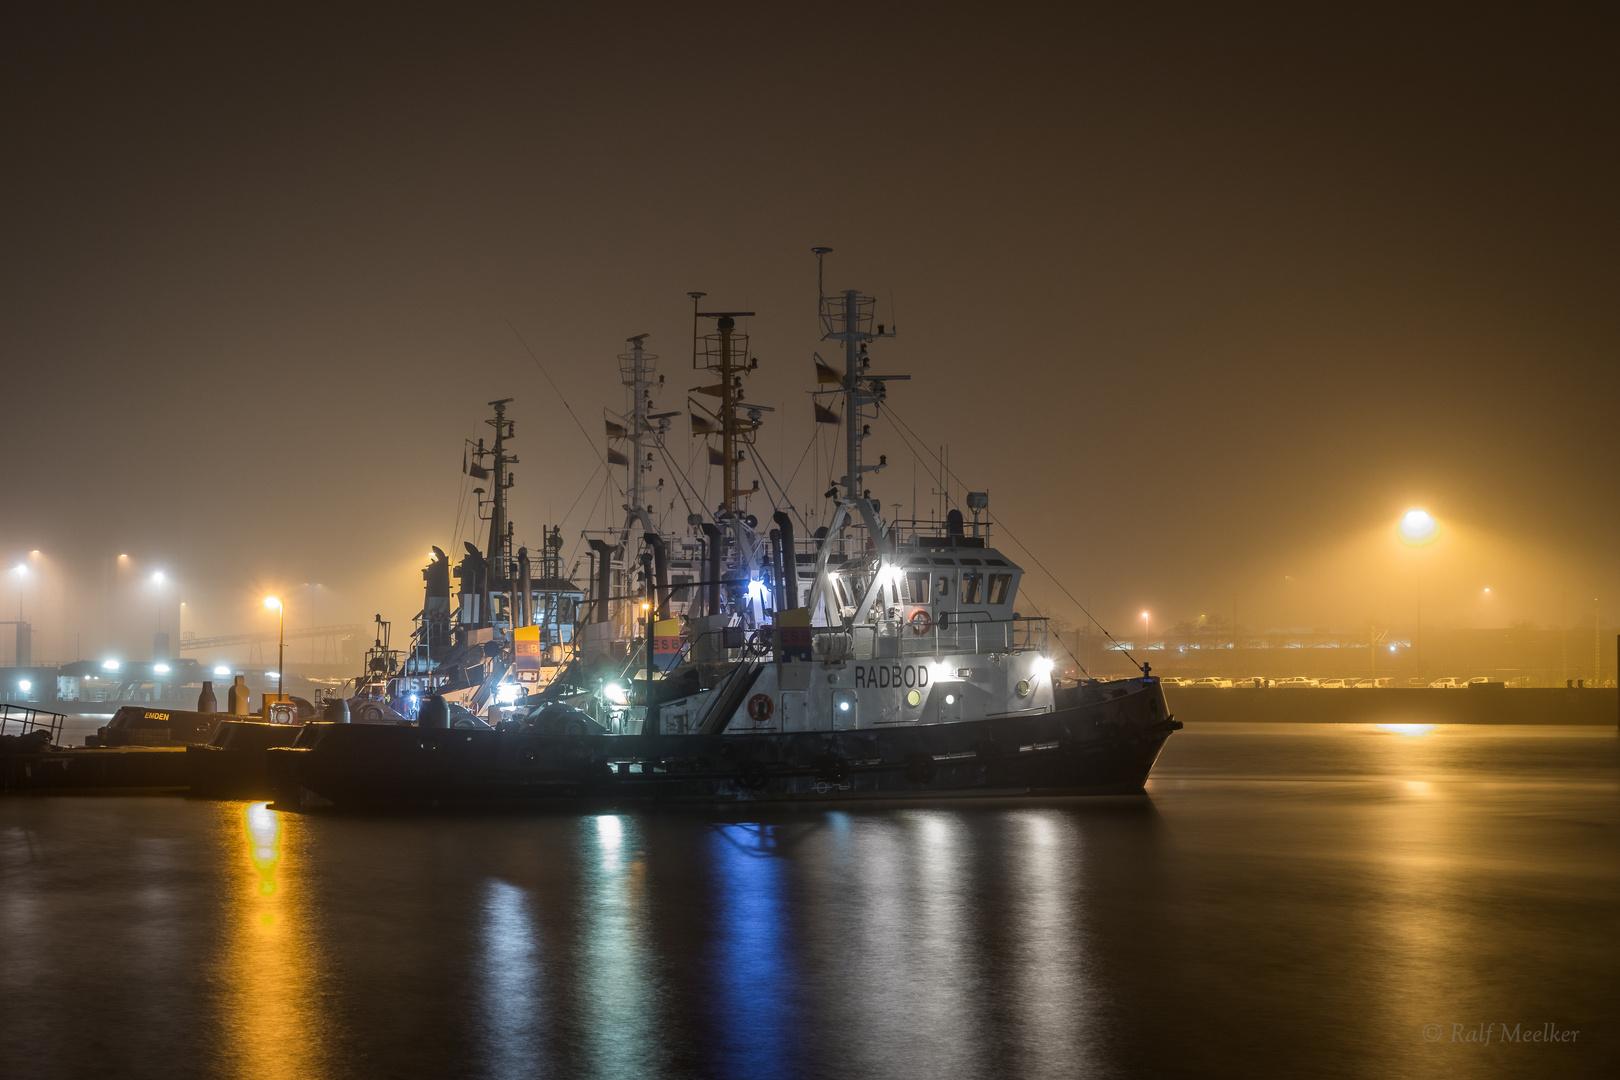 Schlepper bei nächtlicher Ruhepause im Emder Hafen.